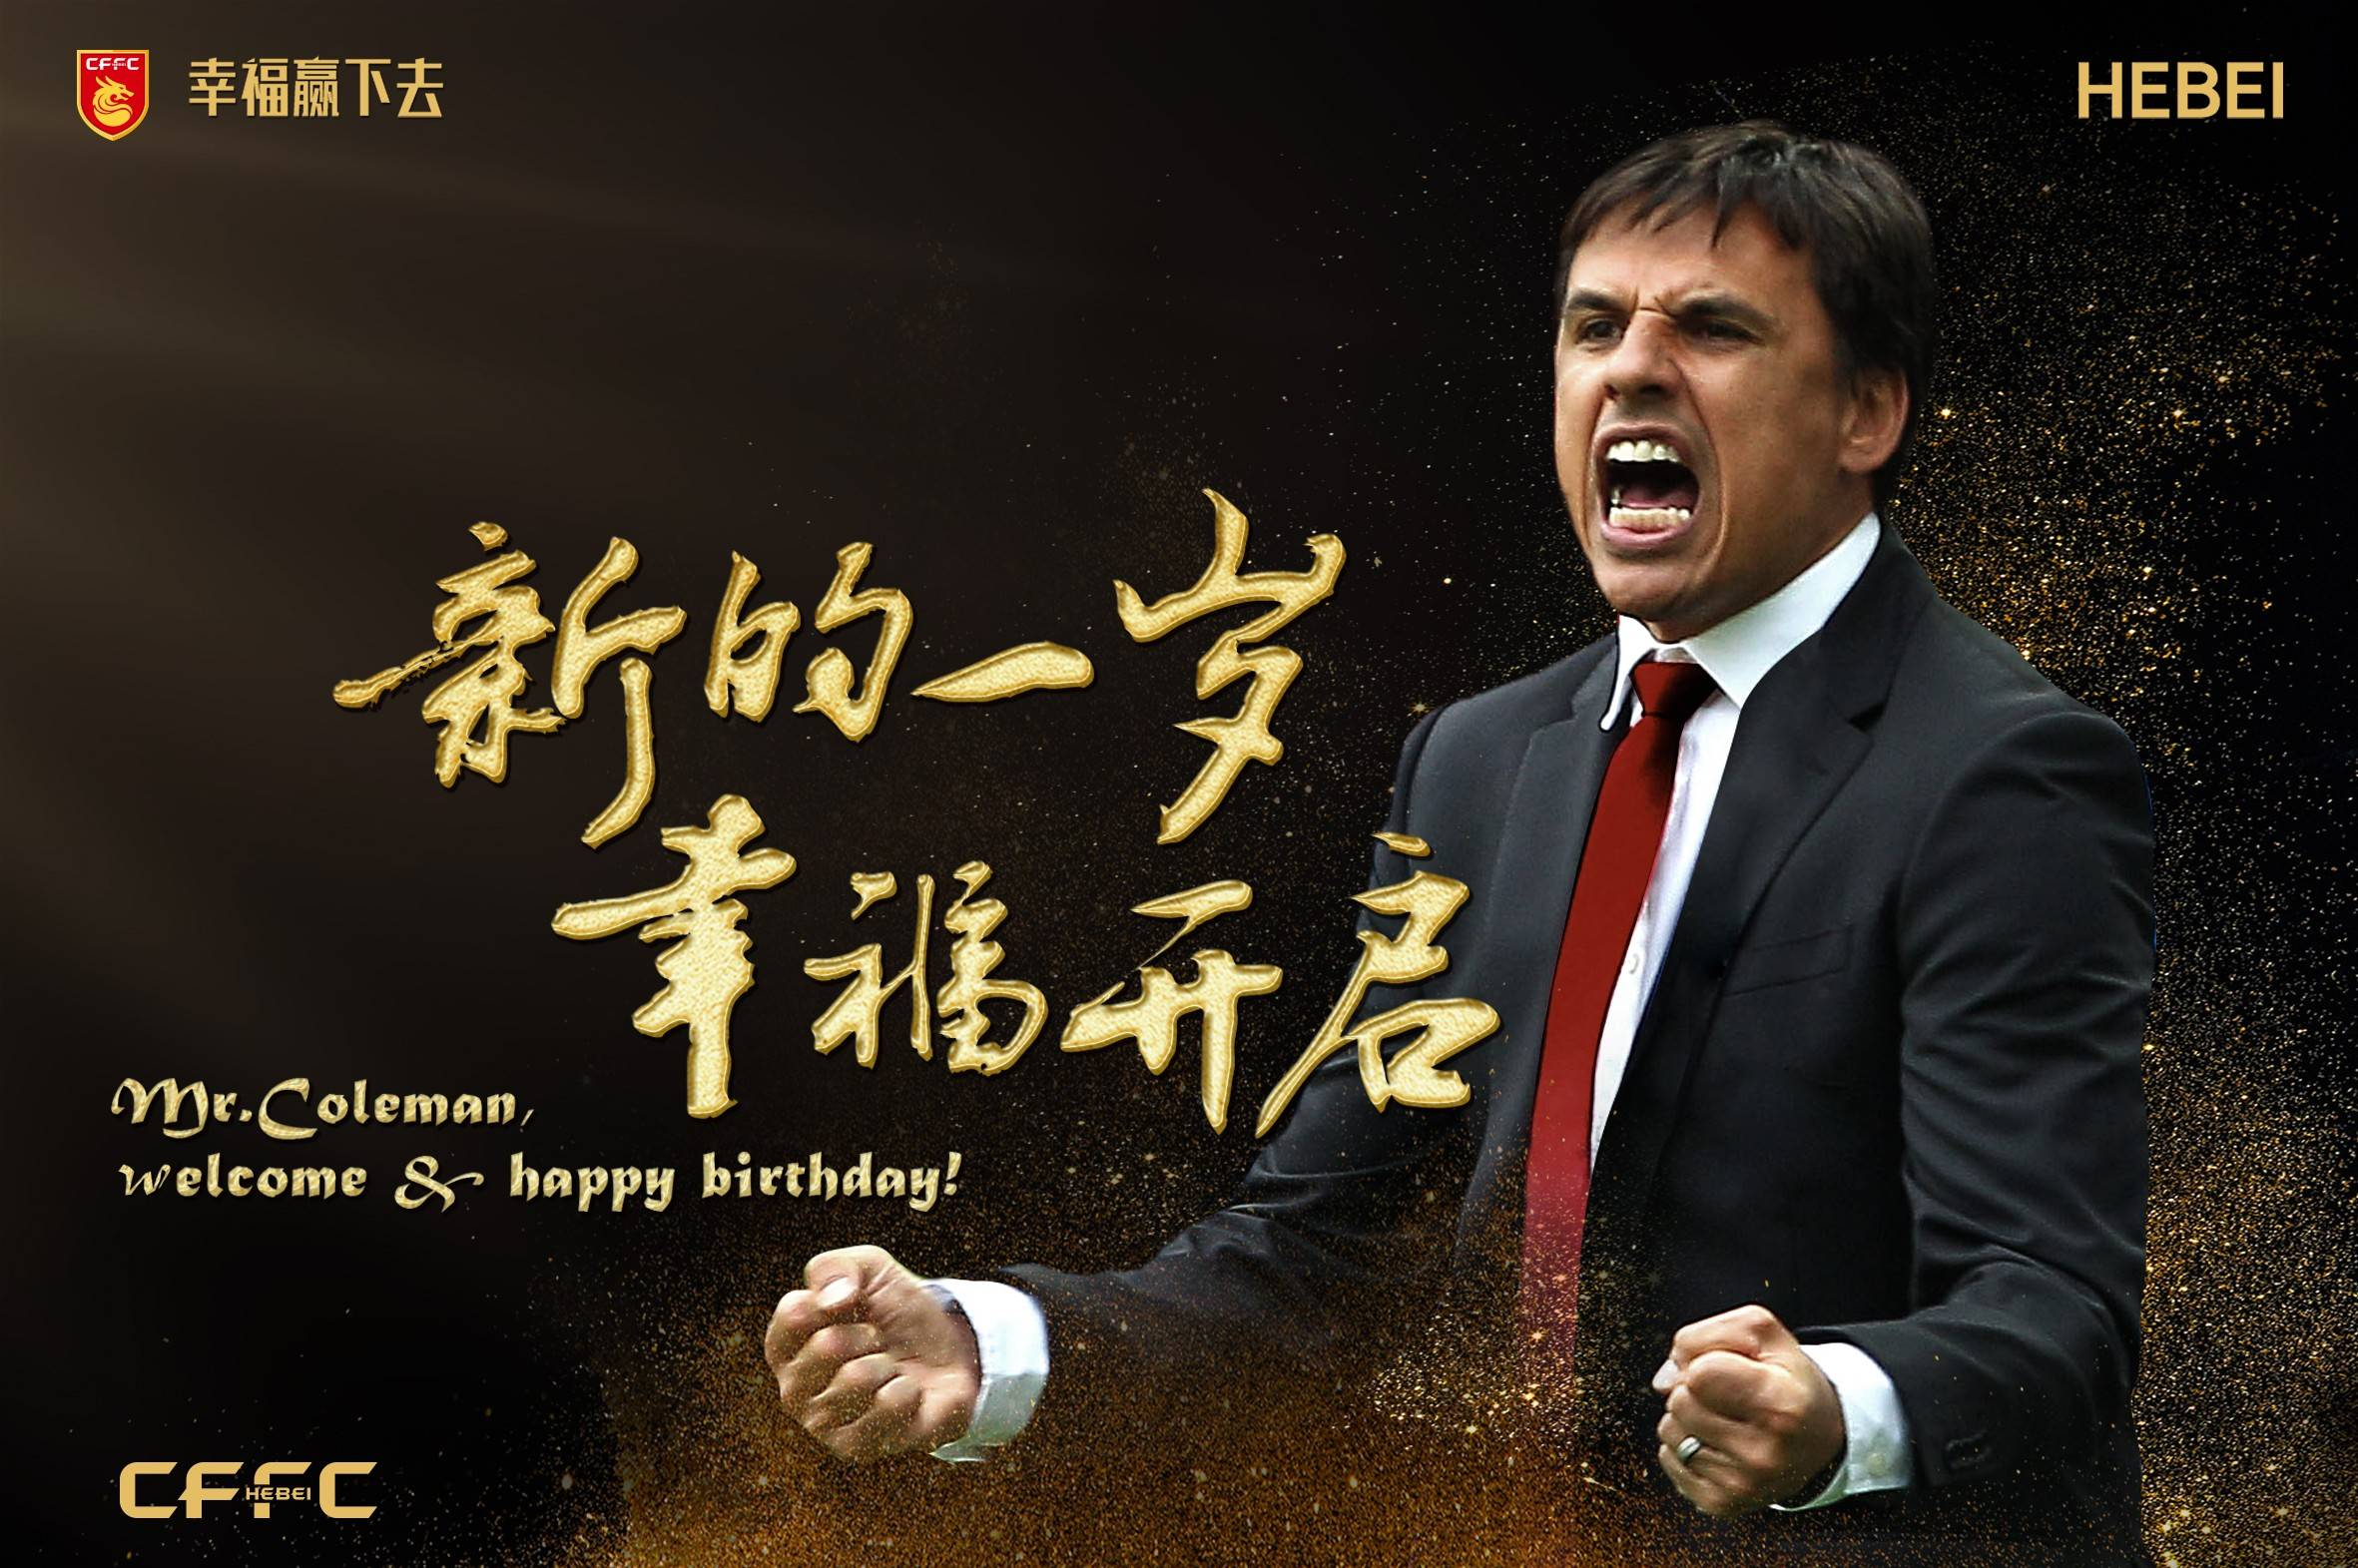 公告:科尔曼正式出任河北华夏幸福主教练